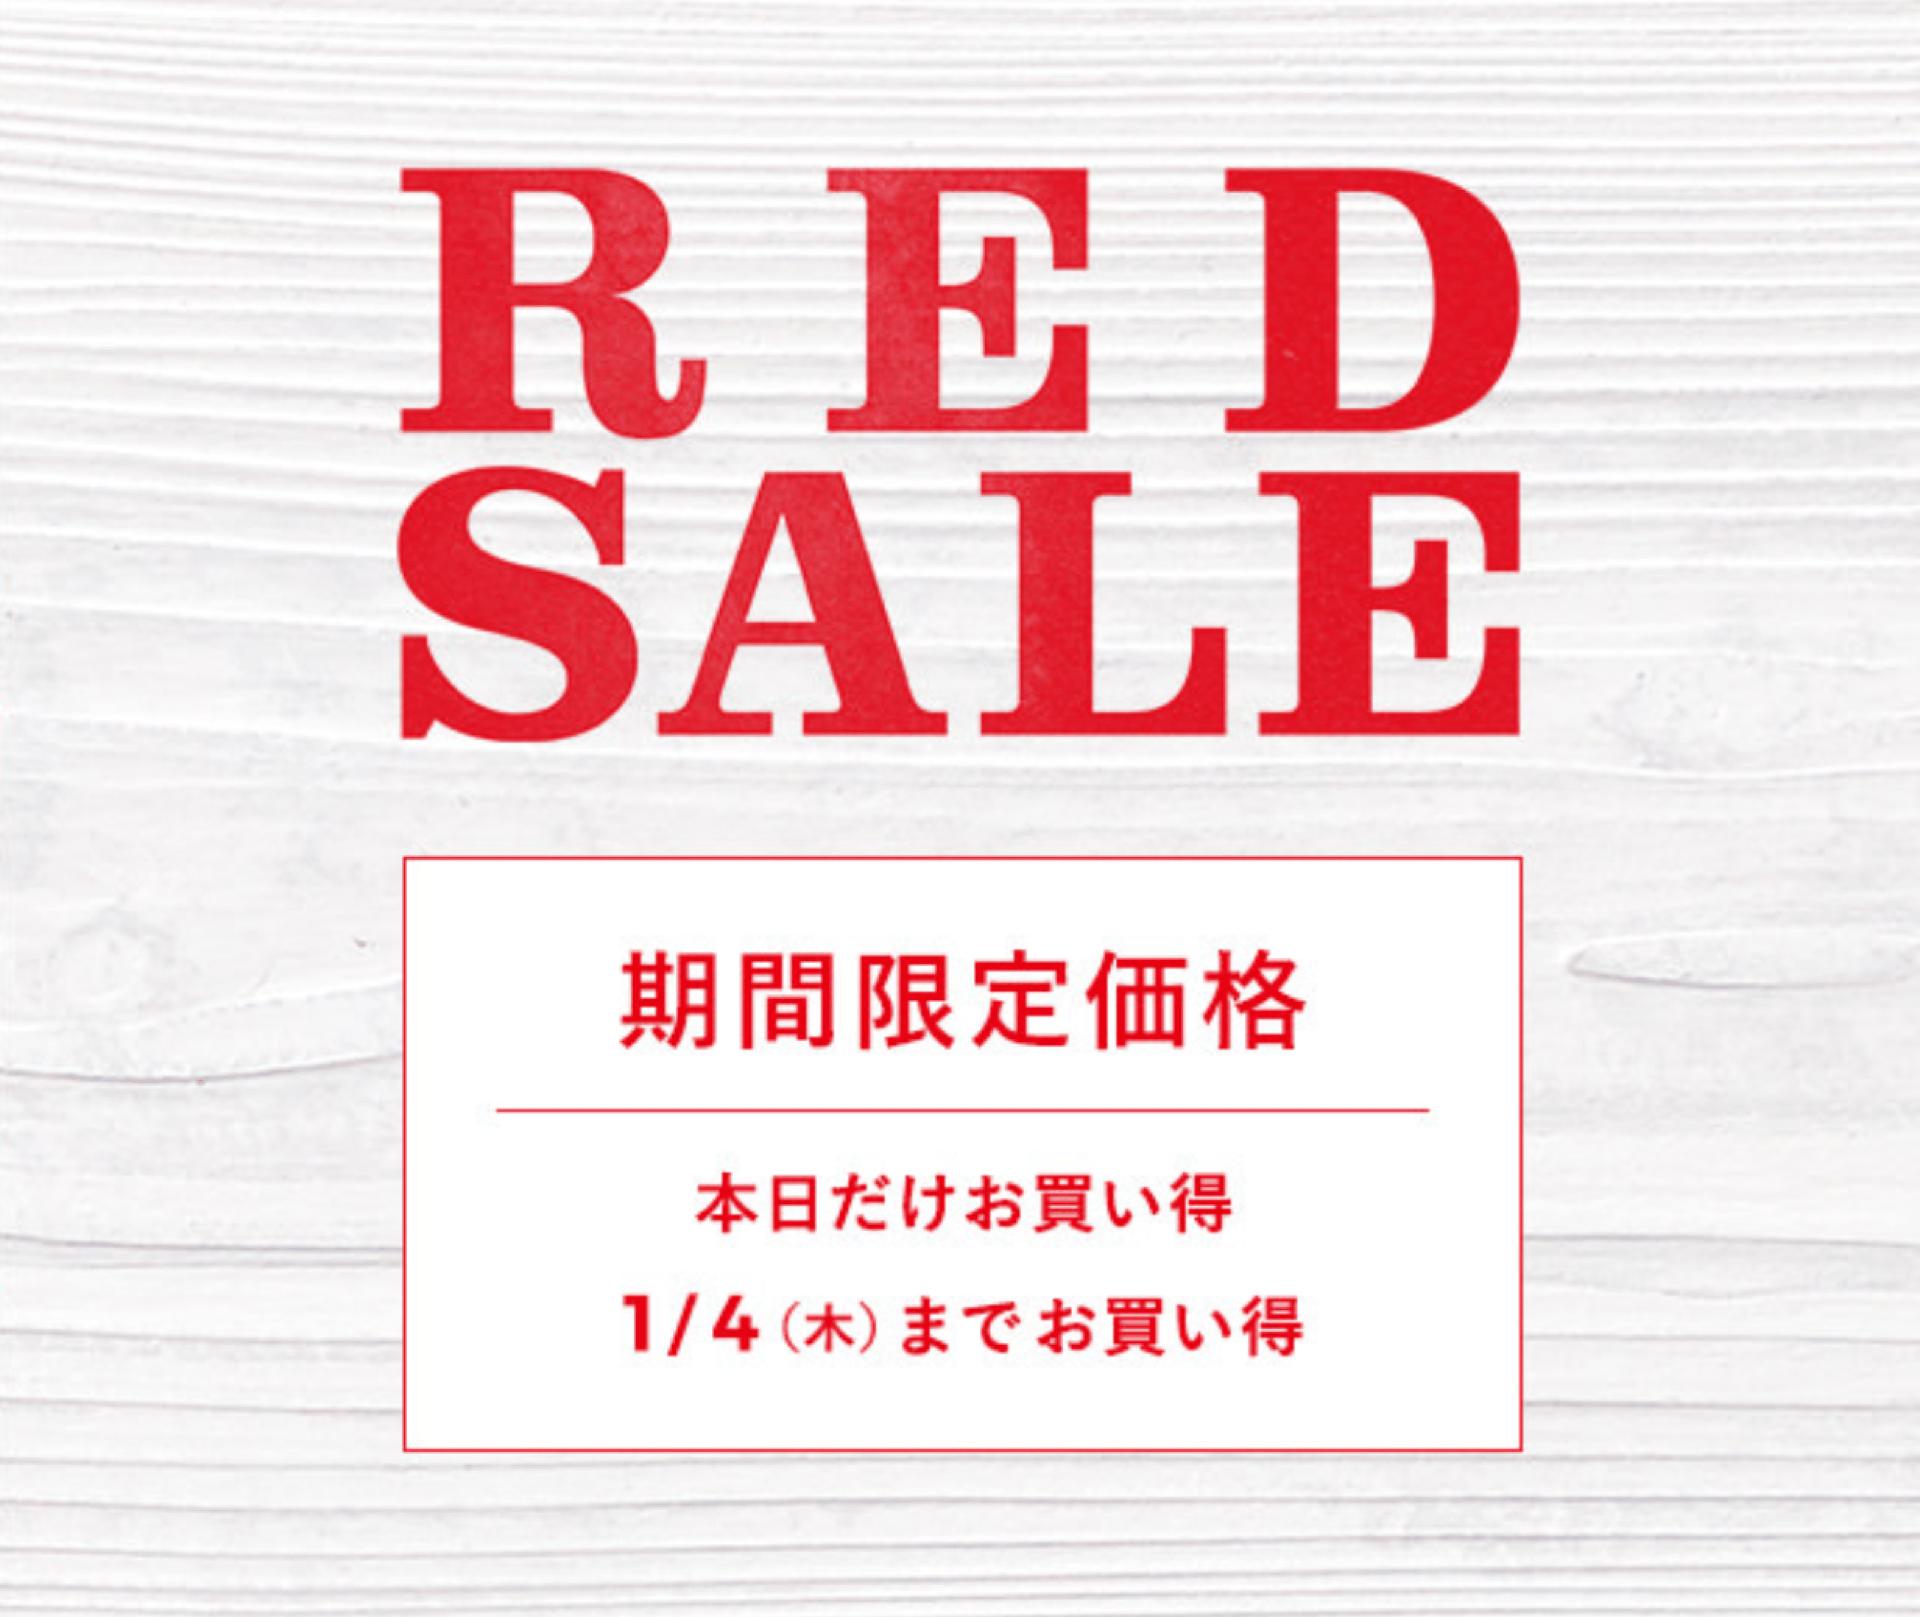 2018年GUの初売り★人気のパンプスやパジャマがお得!チラシをチェック✔️